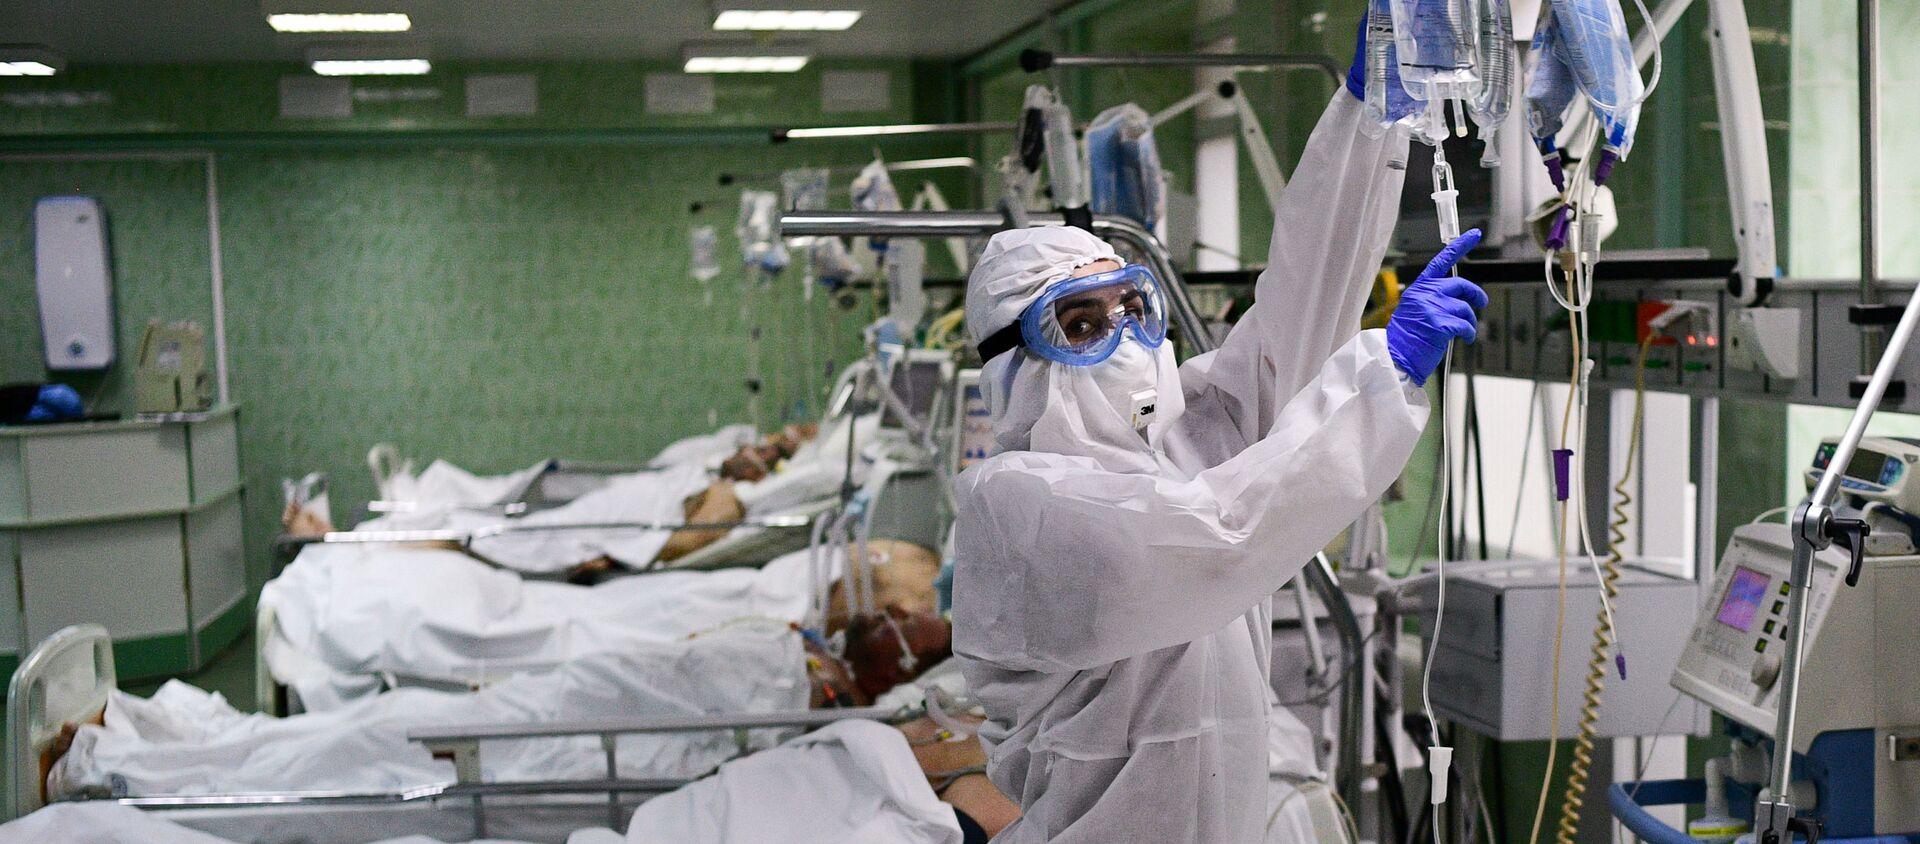 Bác sĩ và bệnh nhân tại khoa hồi sức và chăm sóc đặc biệt của bệnh viện lâm sàng thành phố mang tên V.V. Vinogradov - Sputnik Việt Nam, 1920, 13.02.2021